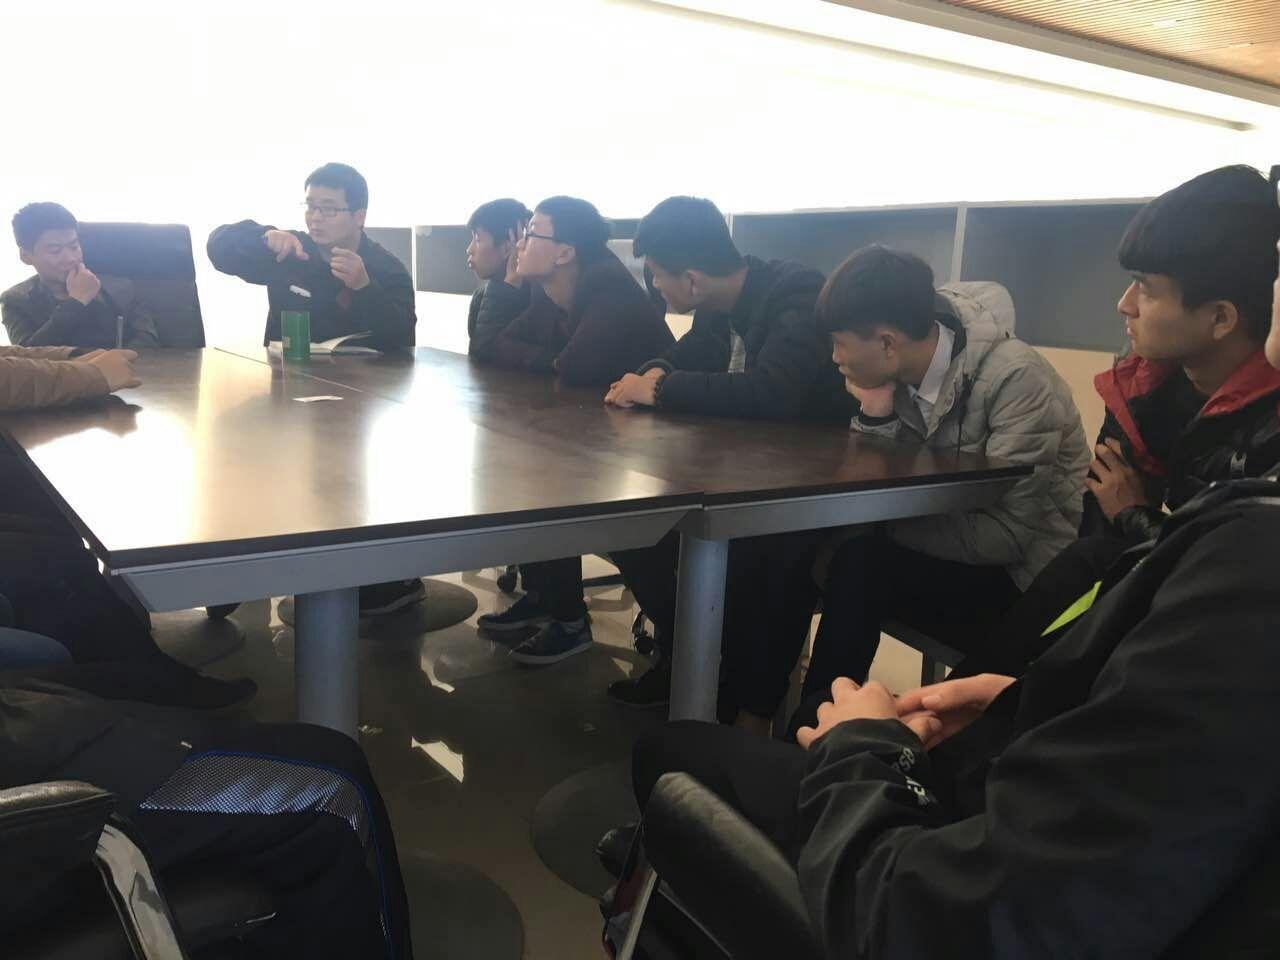 日钢电厂的培训老师正在给学生进行上岗前的培训